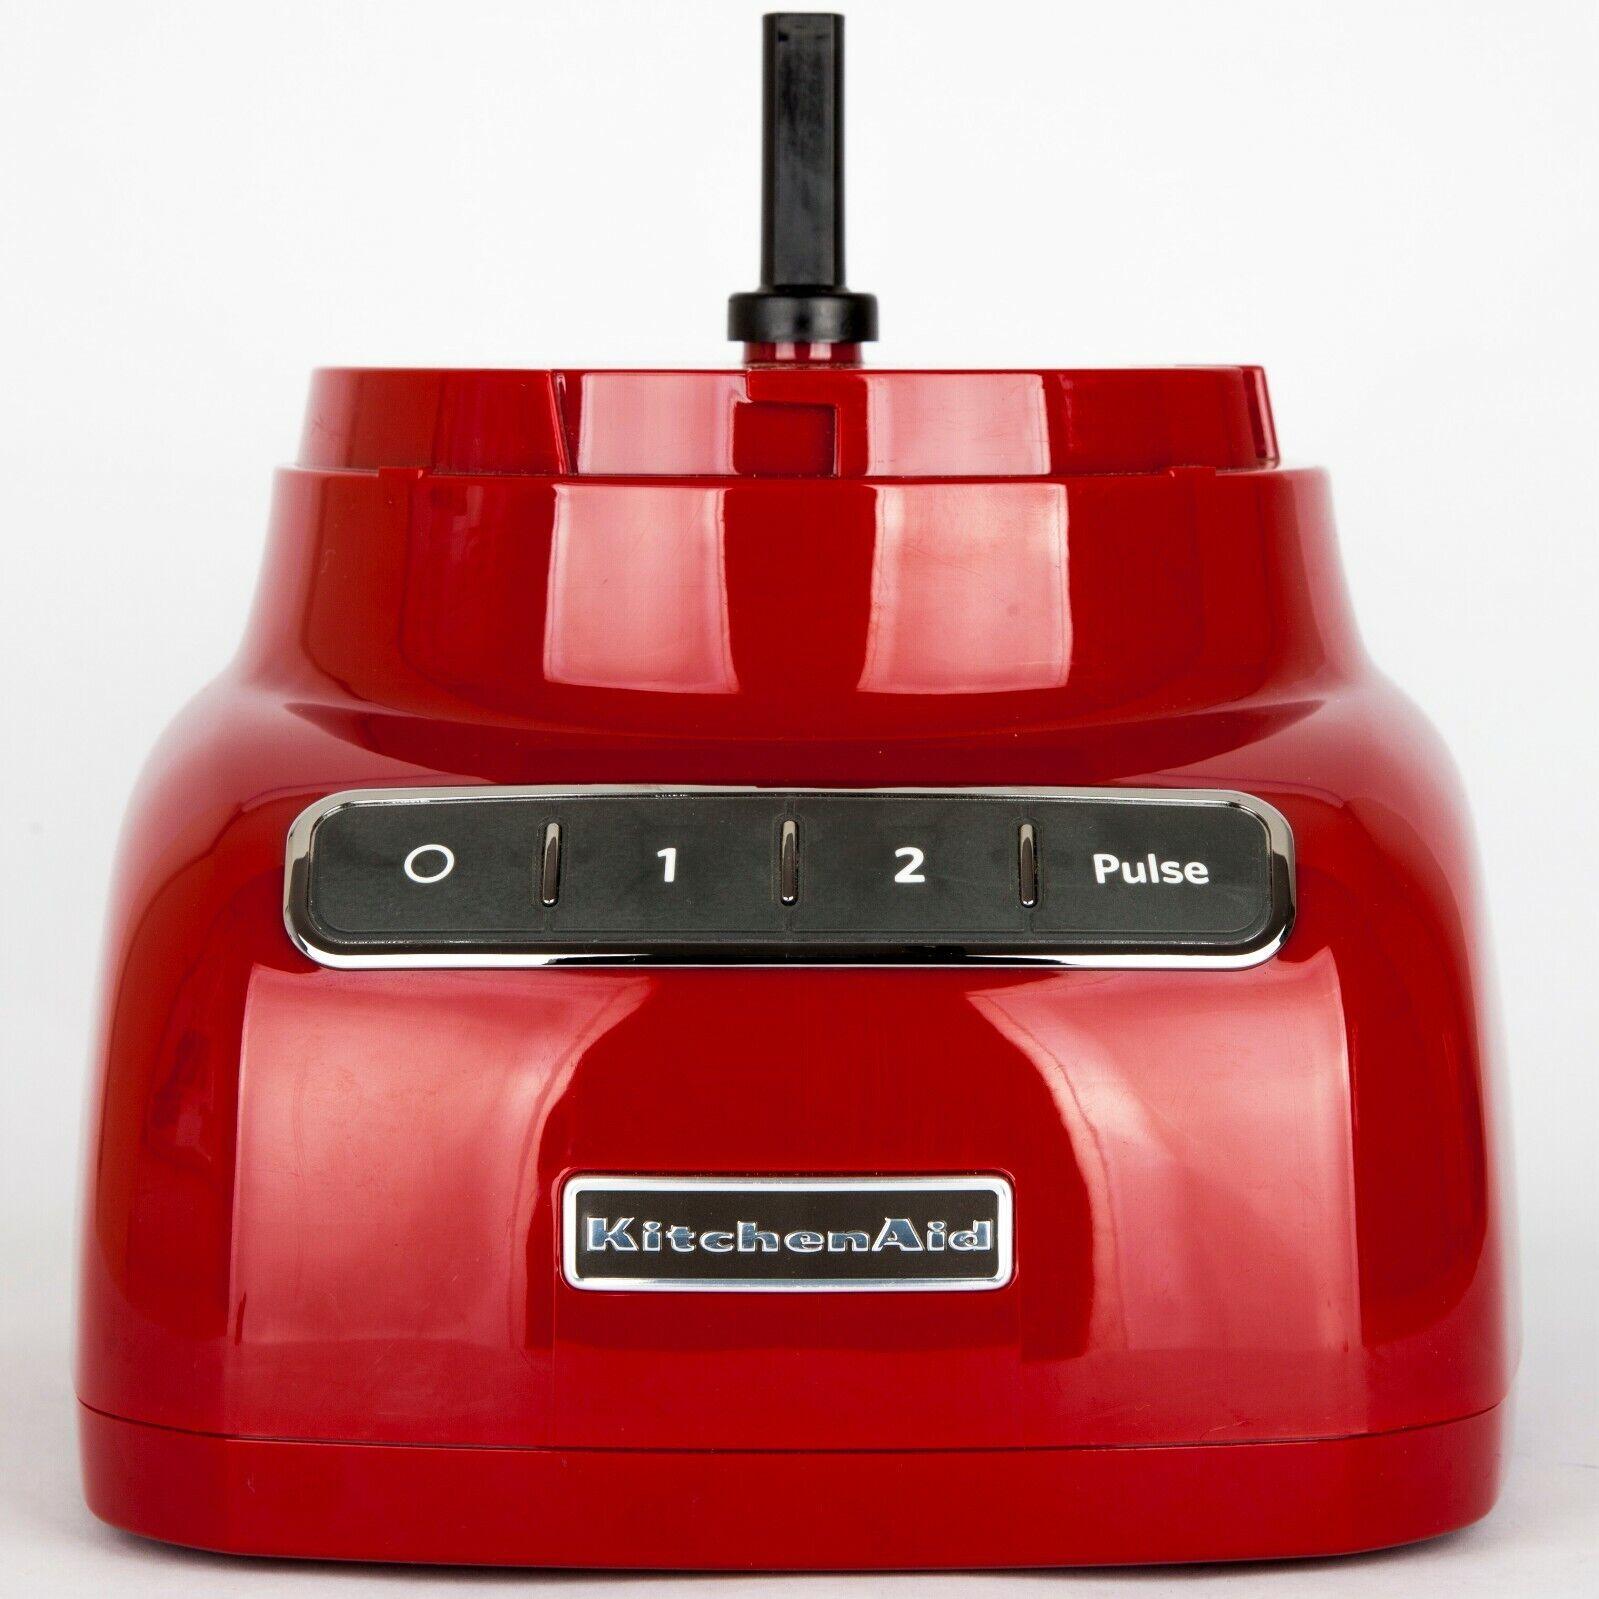 KitchenAid Mixer 5KFP0925BER remplacement Mélange base principale Unité 240 W-Rouge